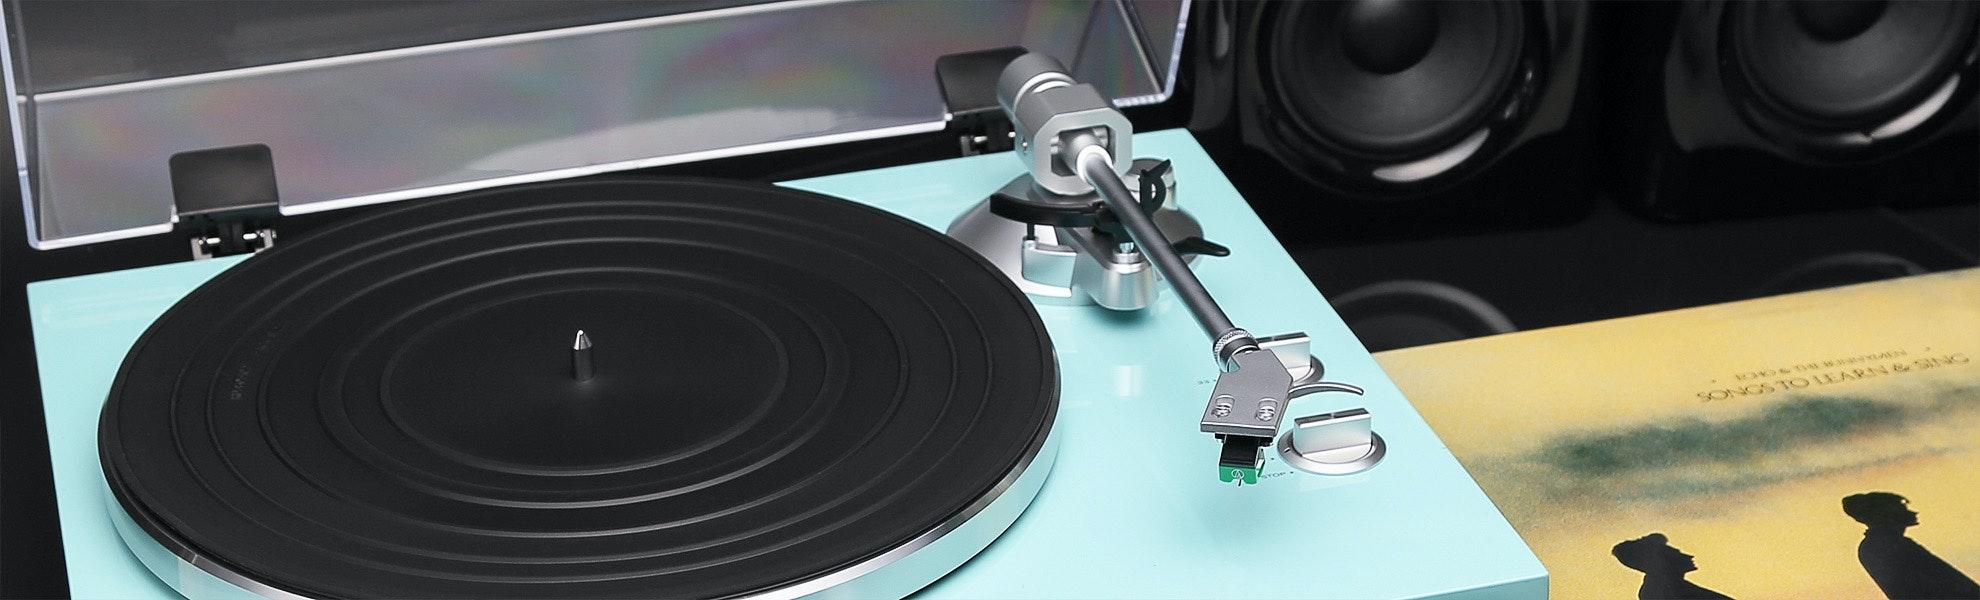 TEAC TN-300 Turquoise Turntable